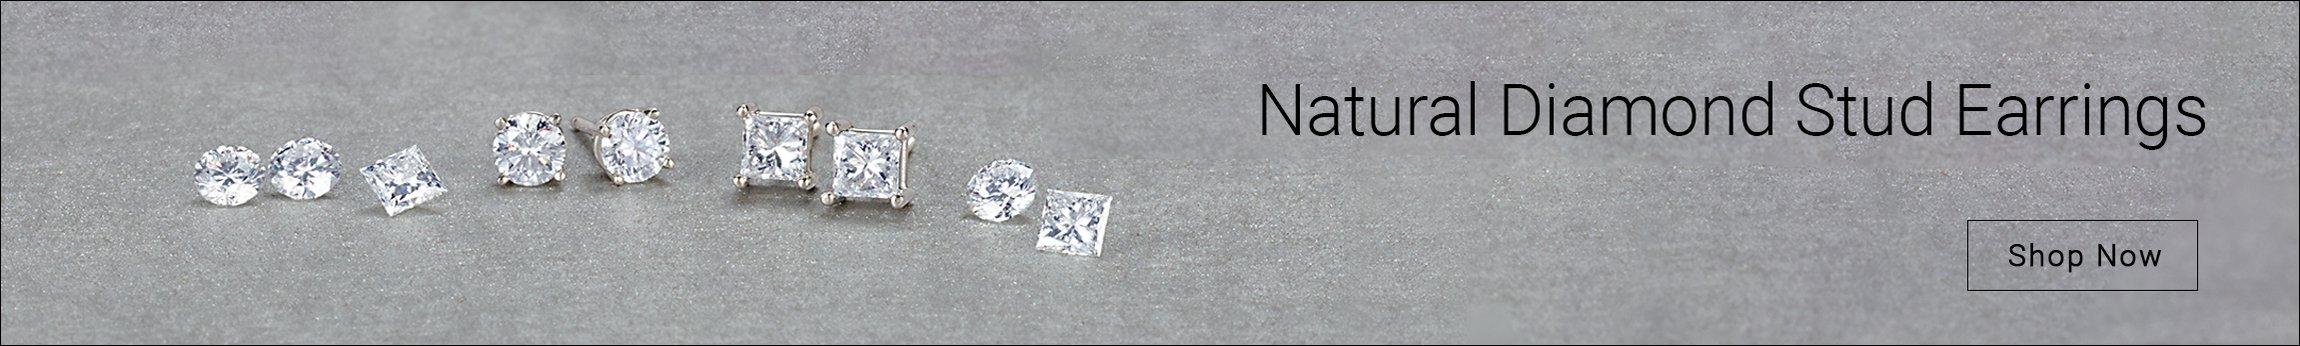 Natural Diamond Stud Earrings